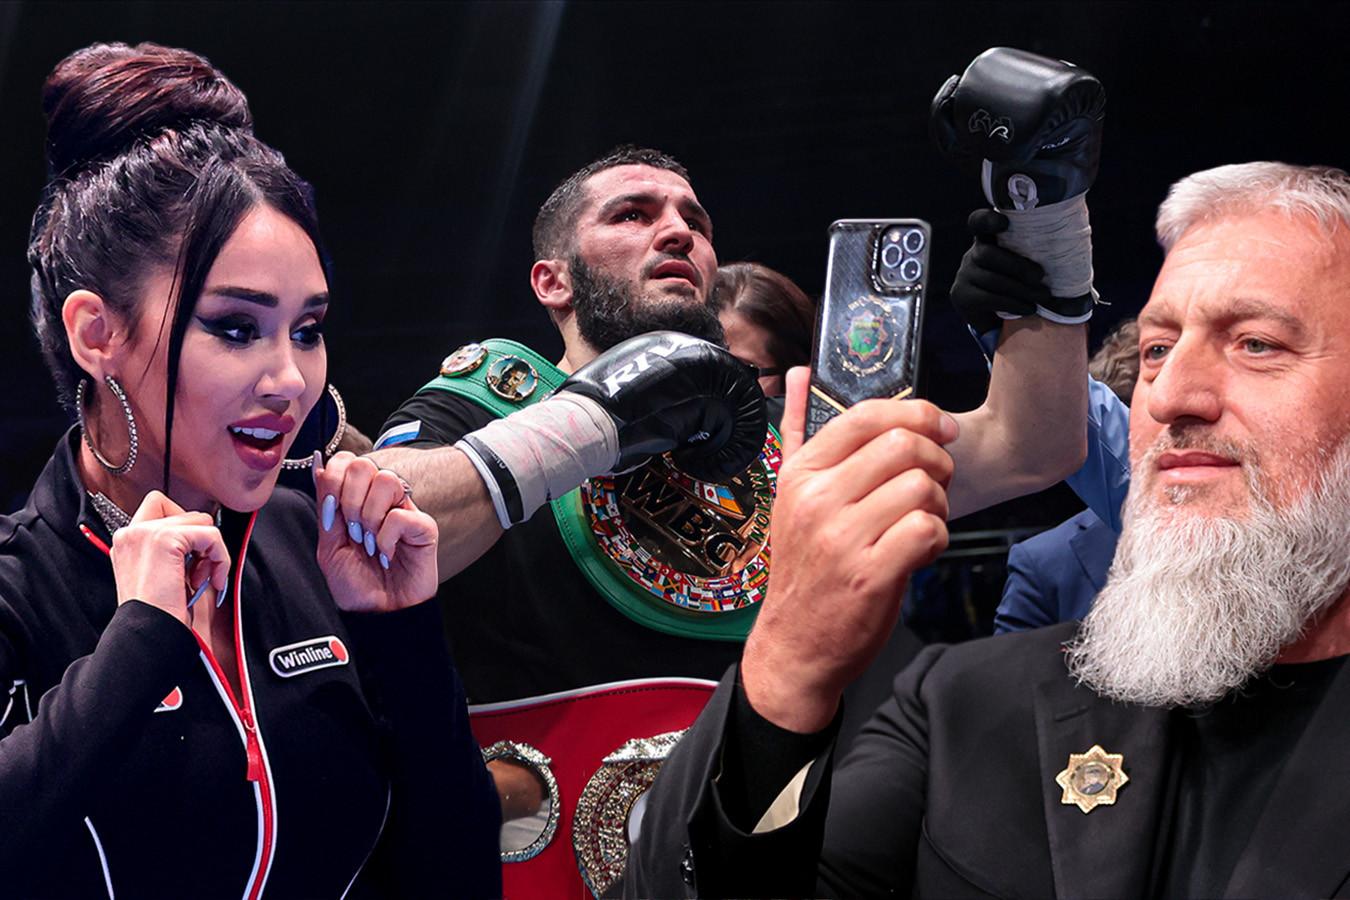 Бетербиев молился после победы, Цзю фотографировался с Запашным. Фото вечера бокса